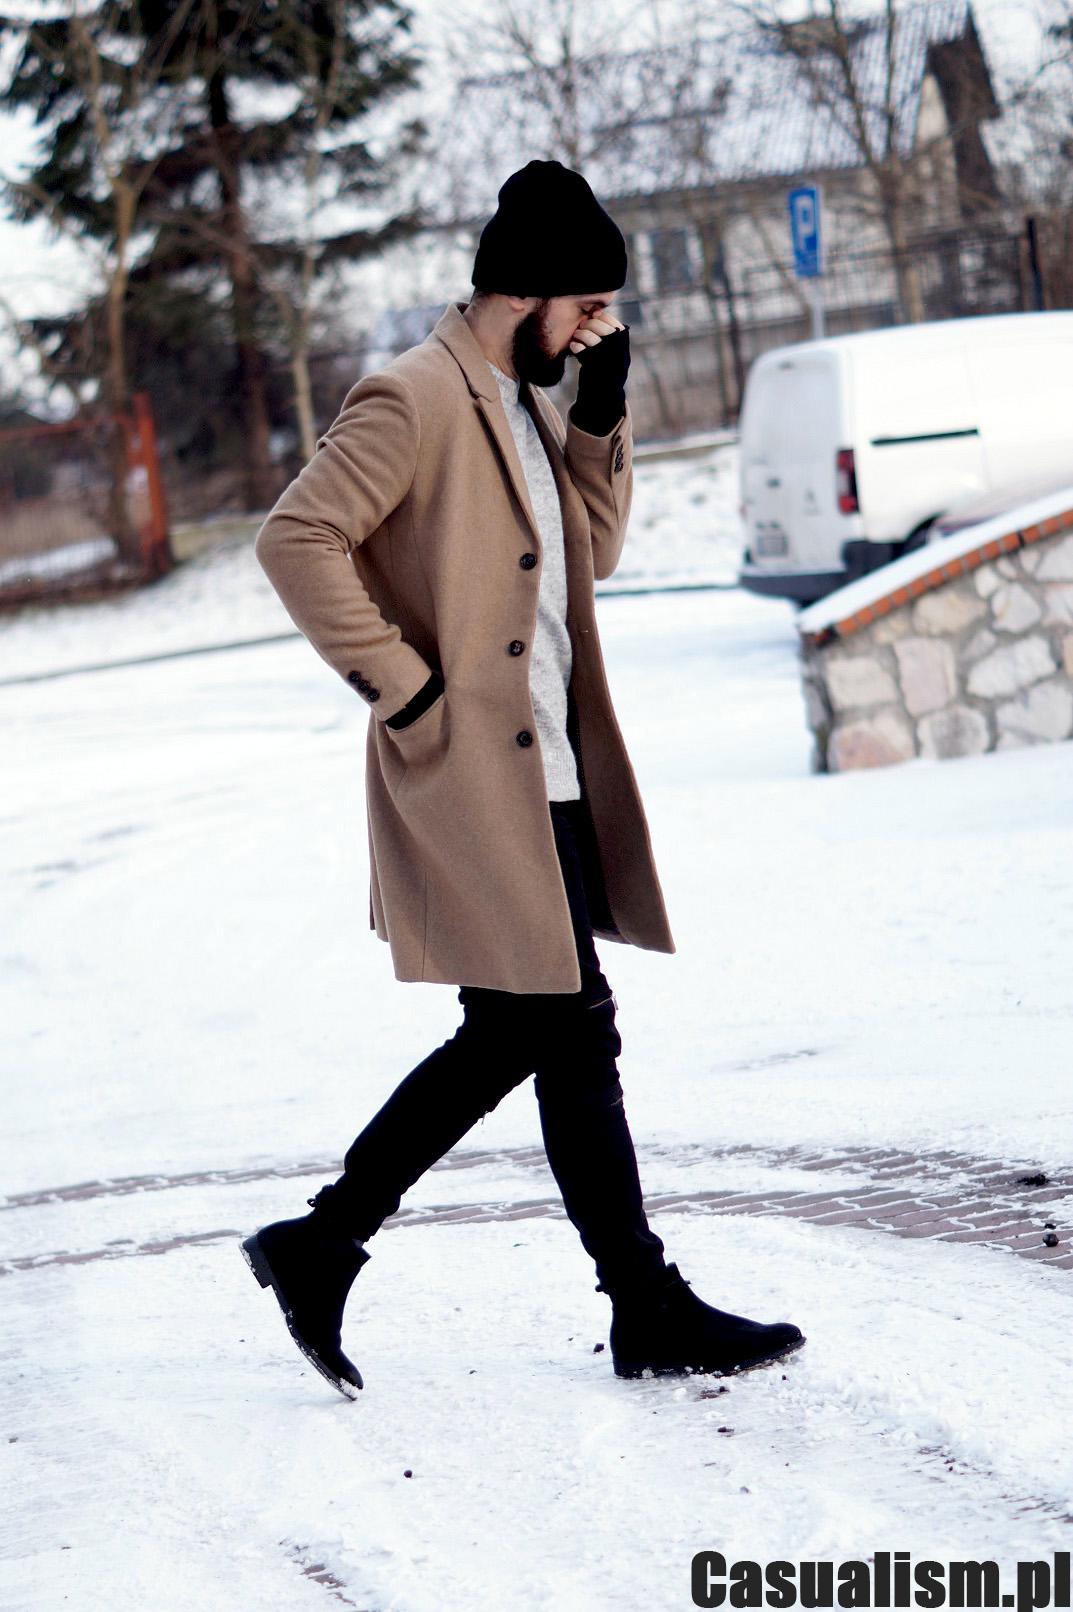 Męski streetwear, styl męski, dobrze ubrany mężczyzna, casual dla faceta